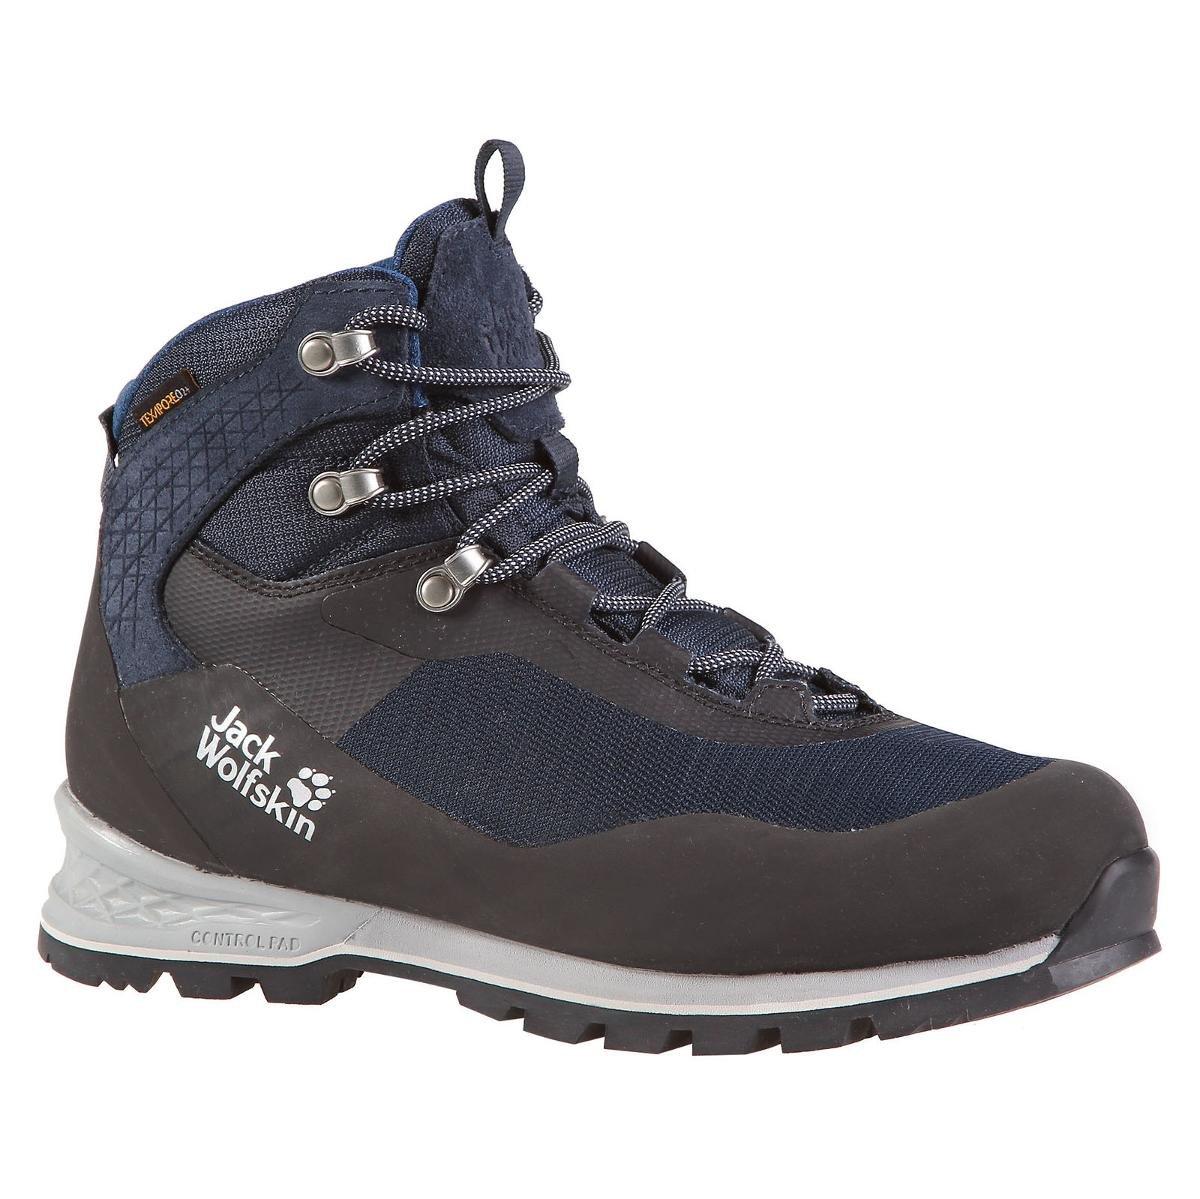 Jack Wolfskin Buty Damskie Trekkingowe Wilderness Lite Texapore Mid 4036711 Rozmiar 40 Jack Wolfskin Sport Sklep Empik Com